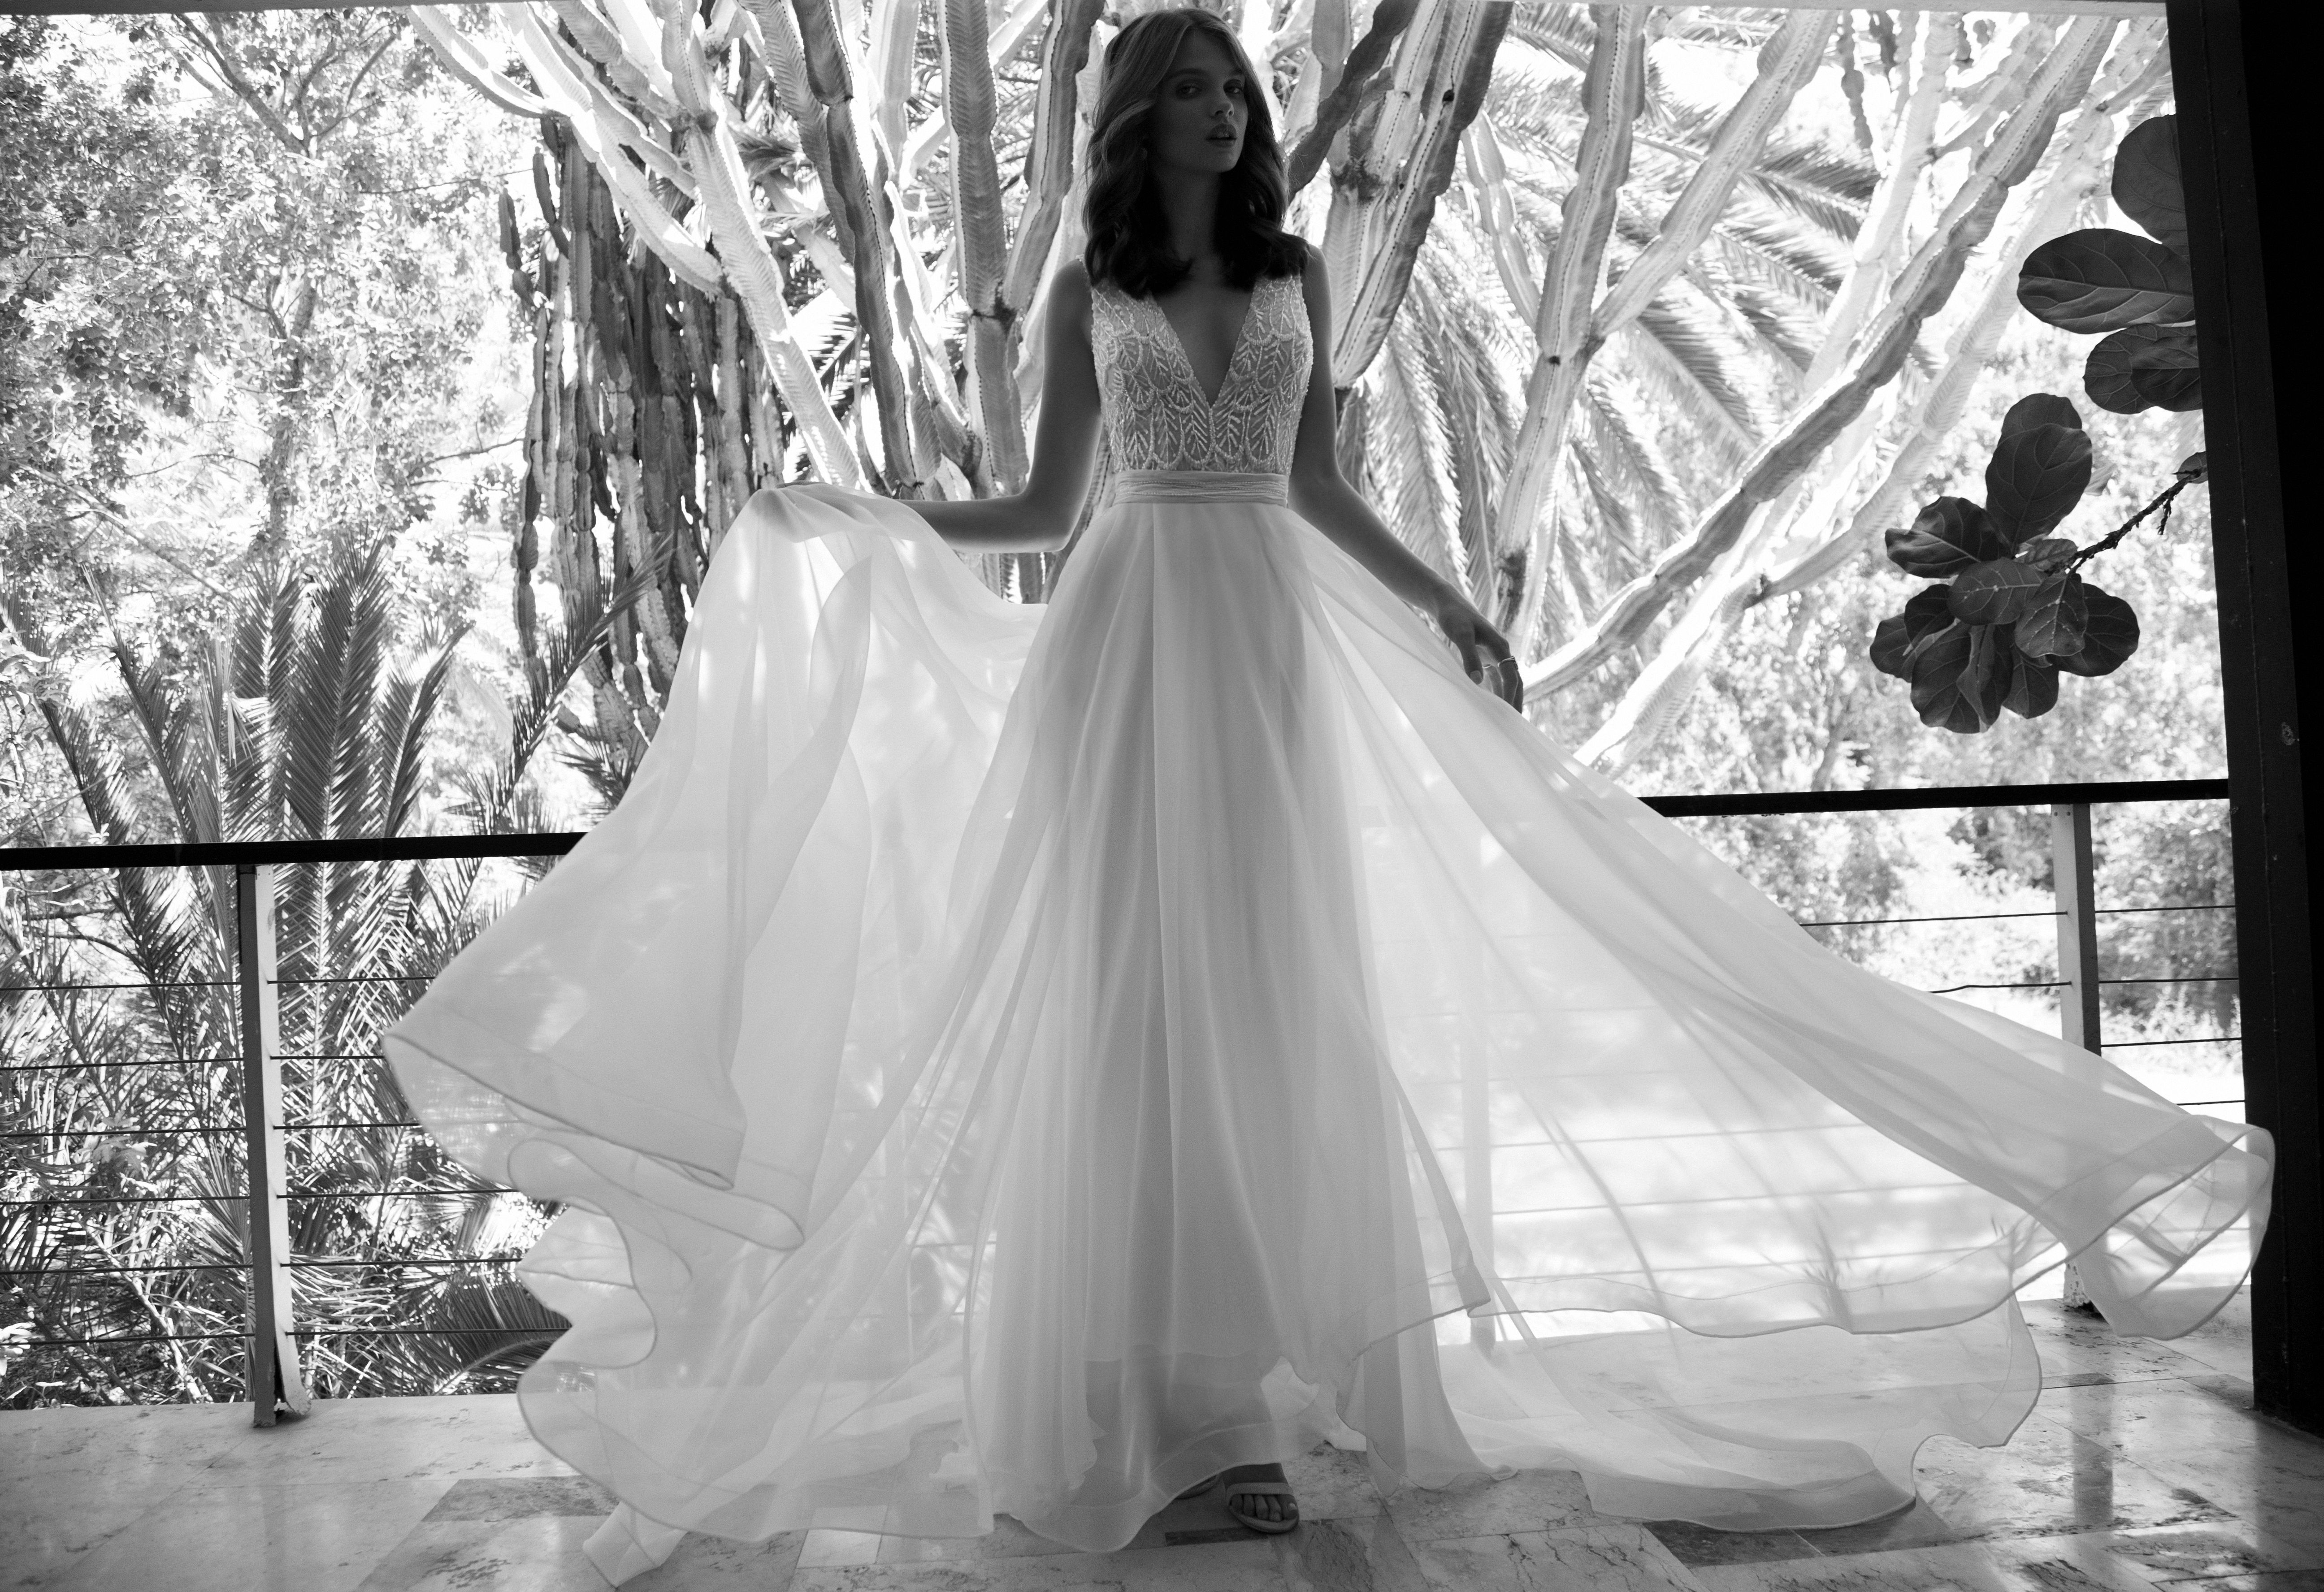 Beste Mormonische Brautjunferkleider Fotos - Hochzeit Kleid Stile ...